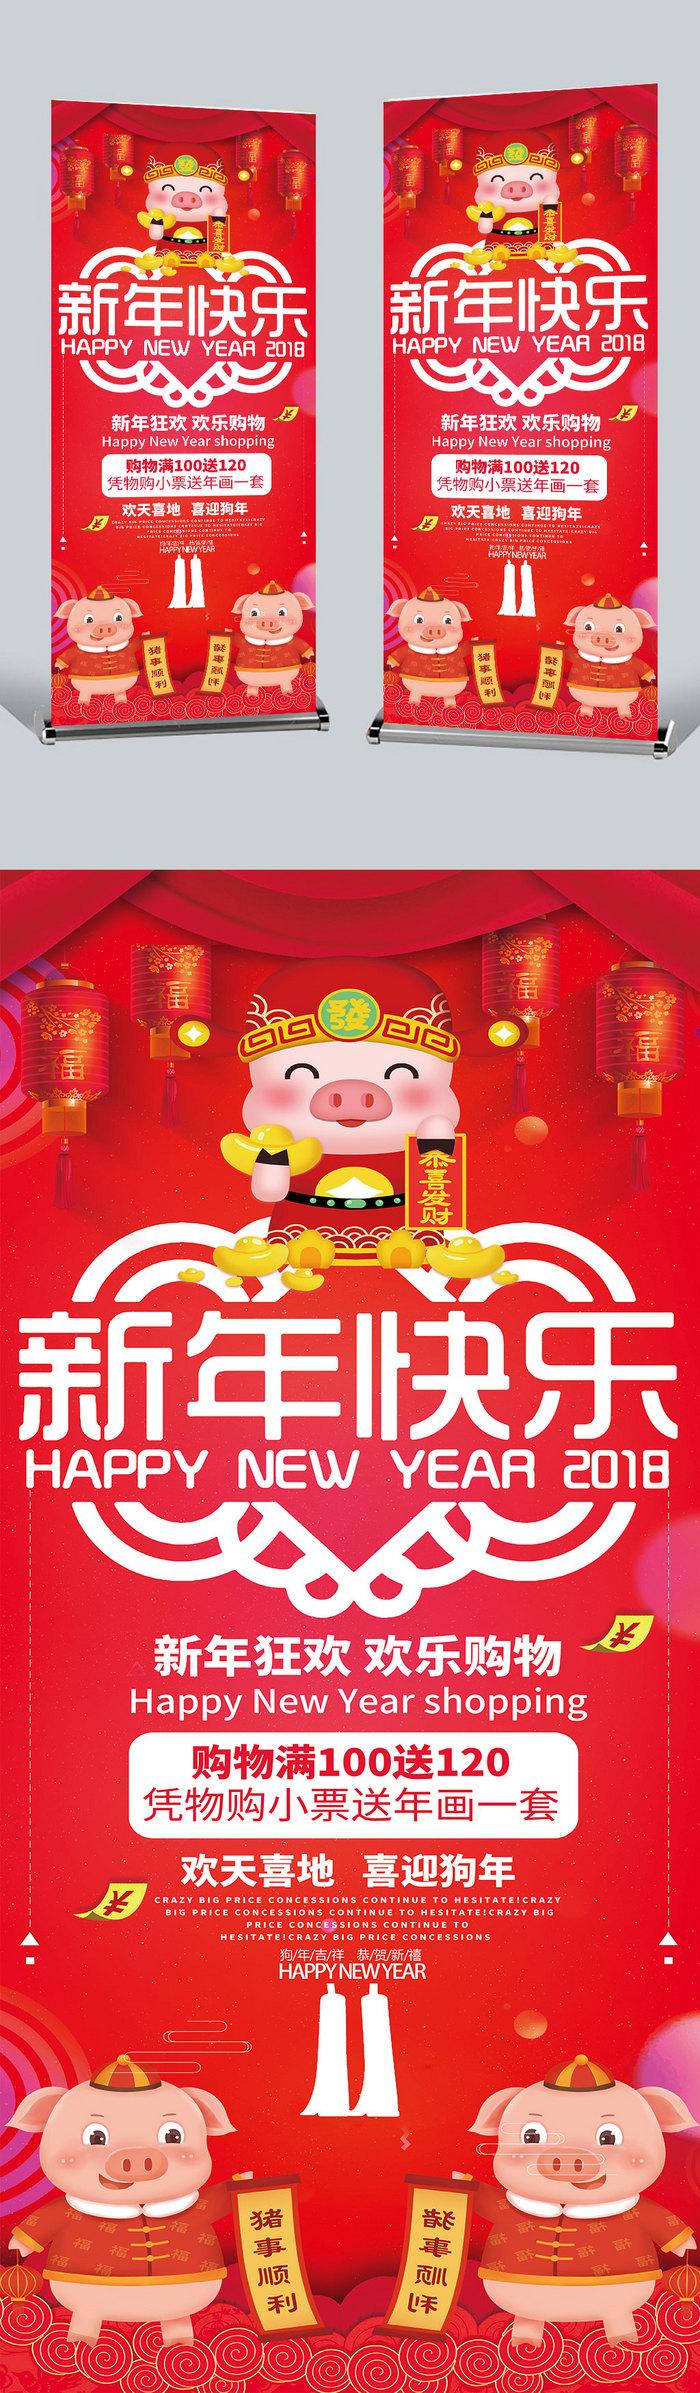 新年快乐宣传展架设计